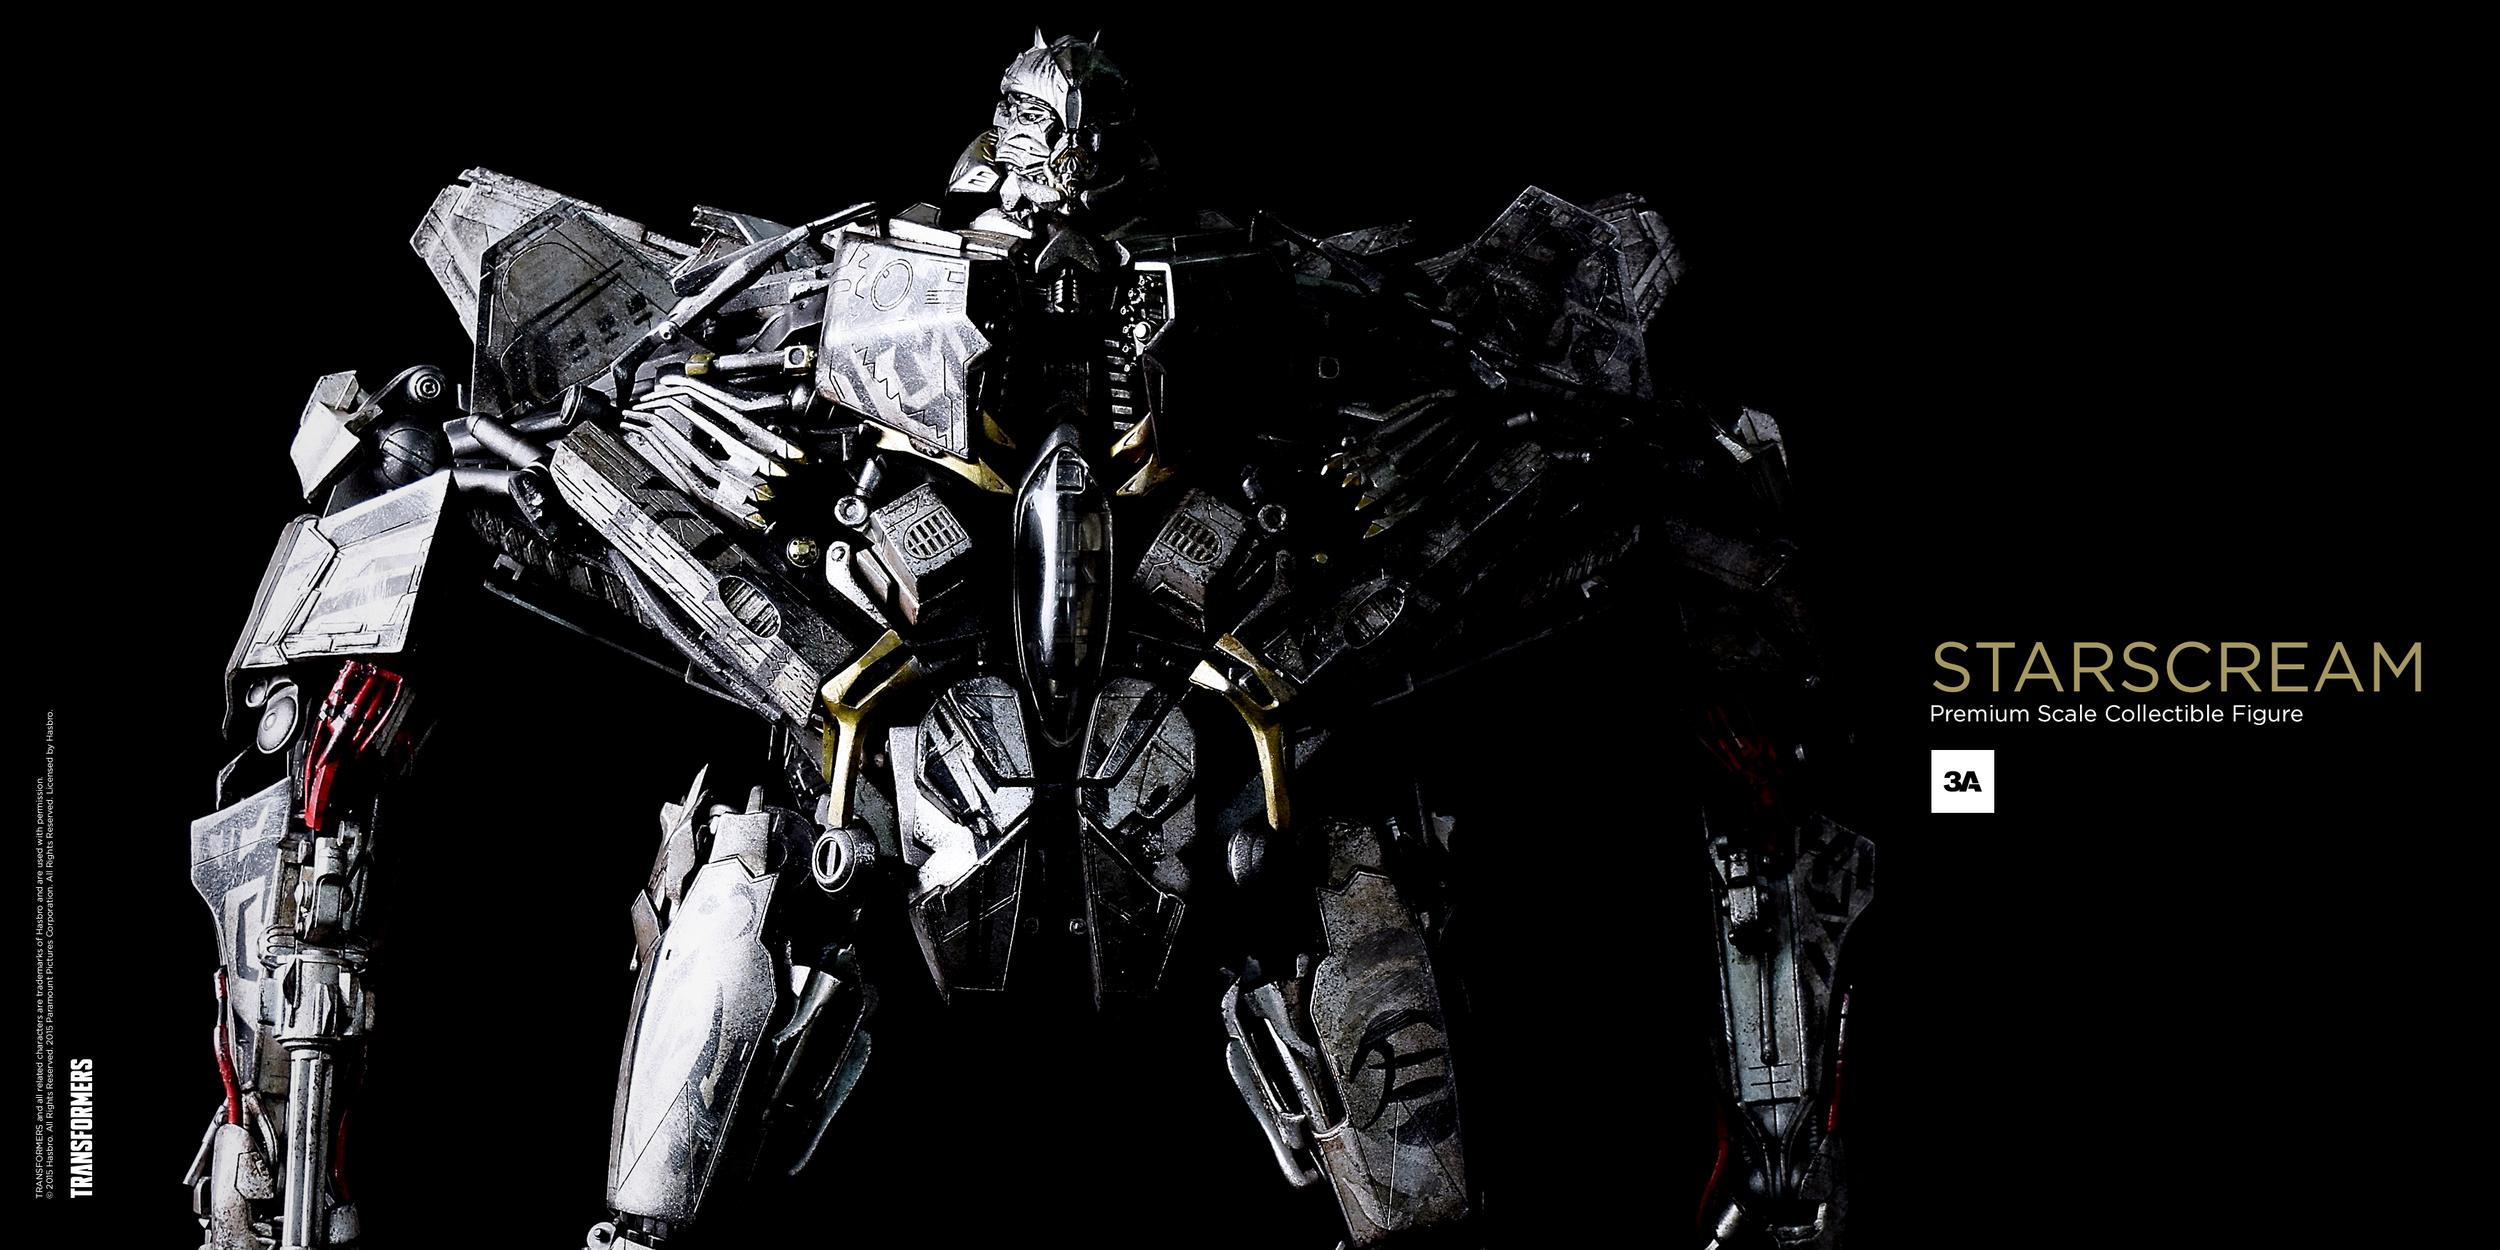 3A_Transformers_Starscream_Ad_3500x1700_E_001.jpg